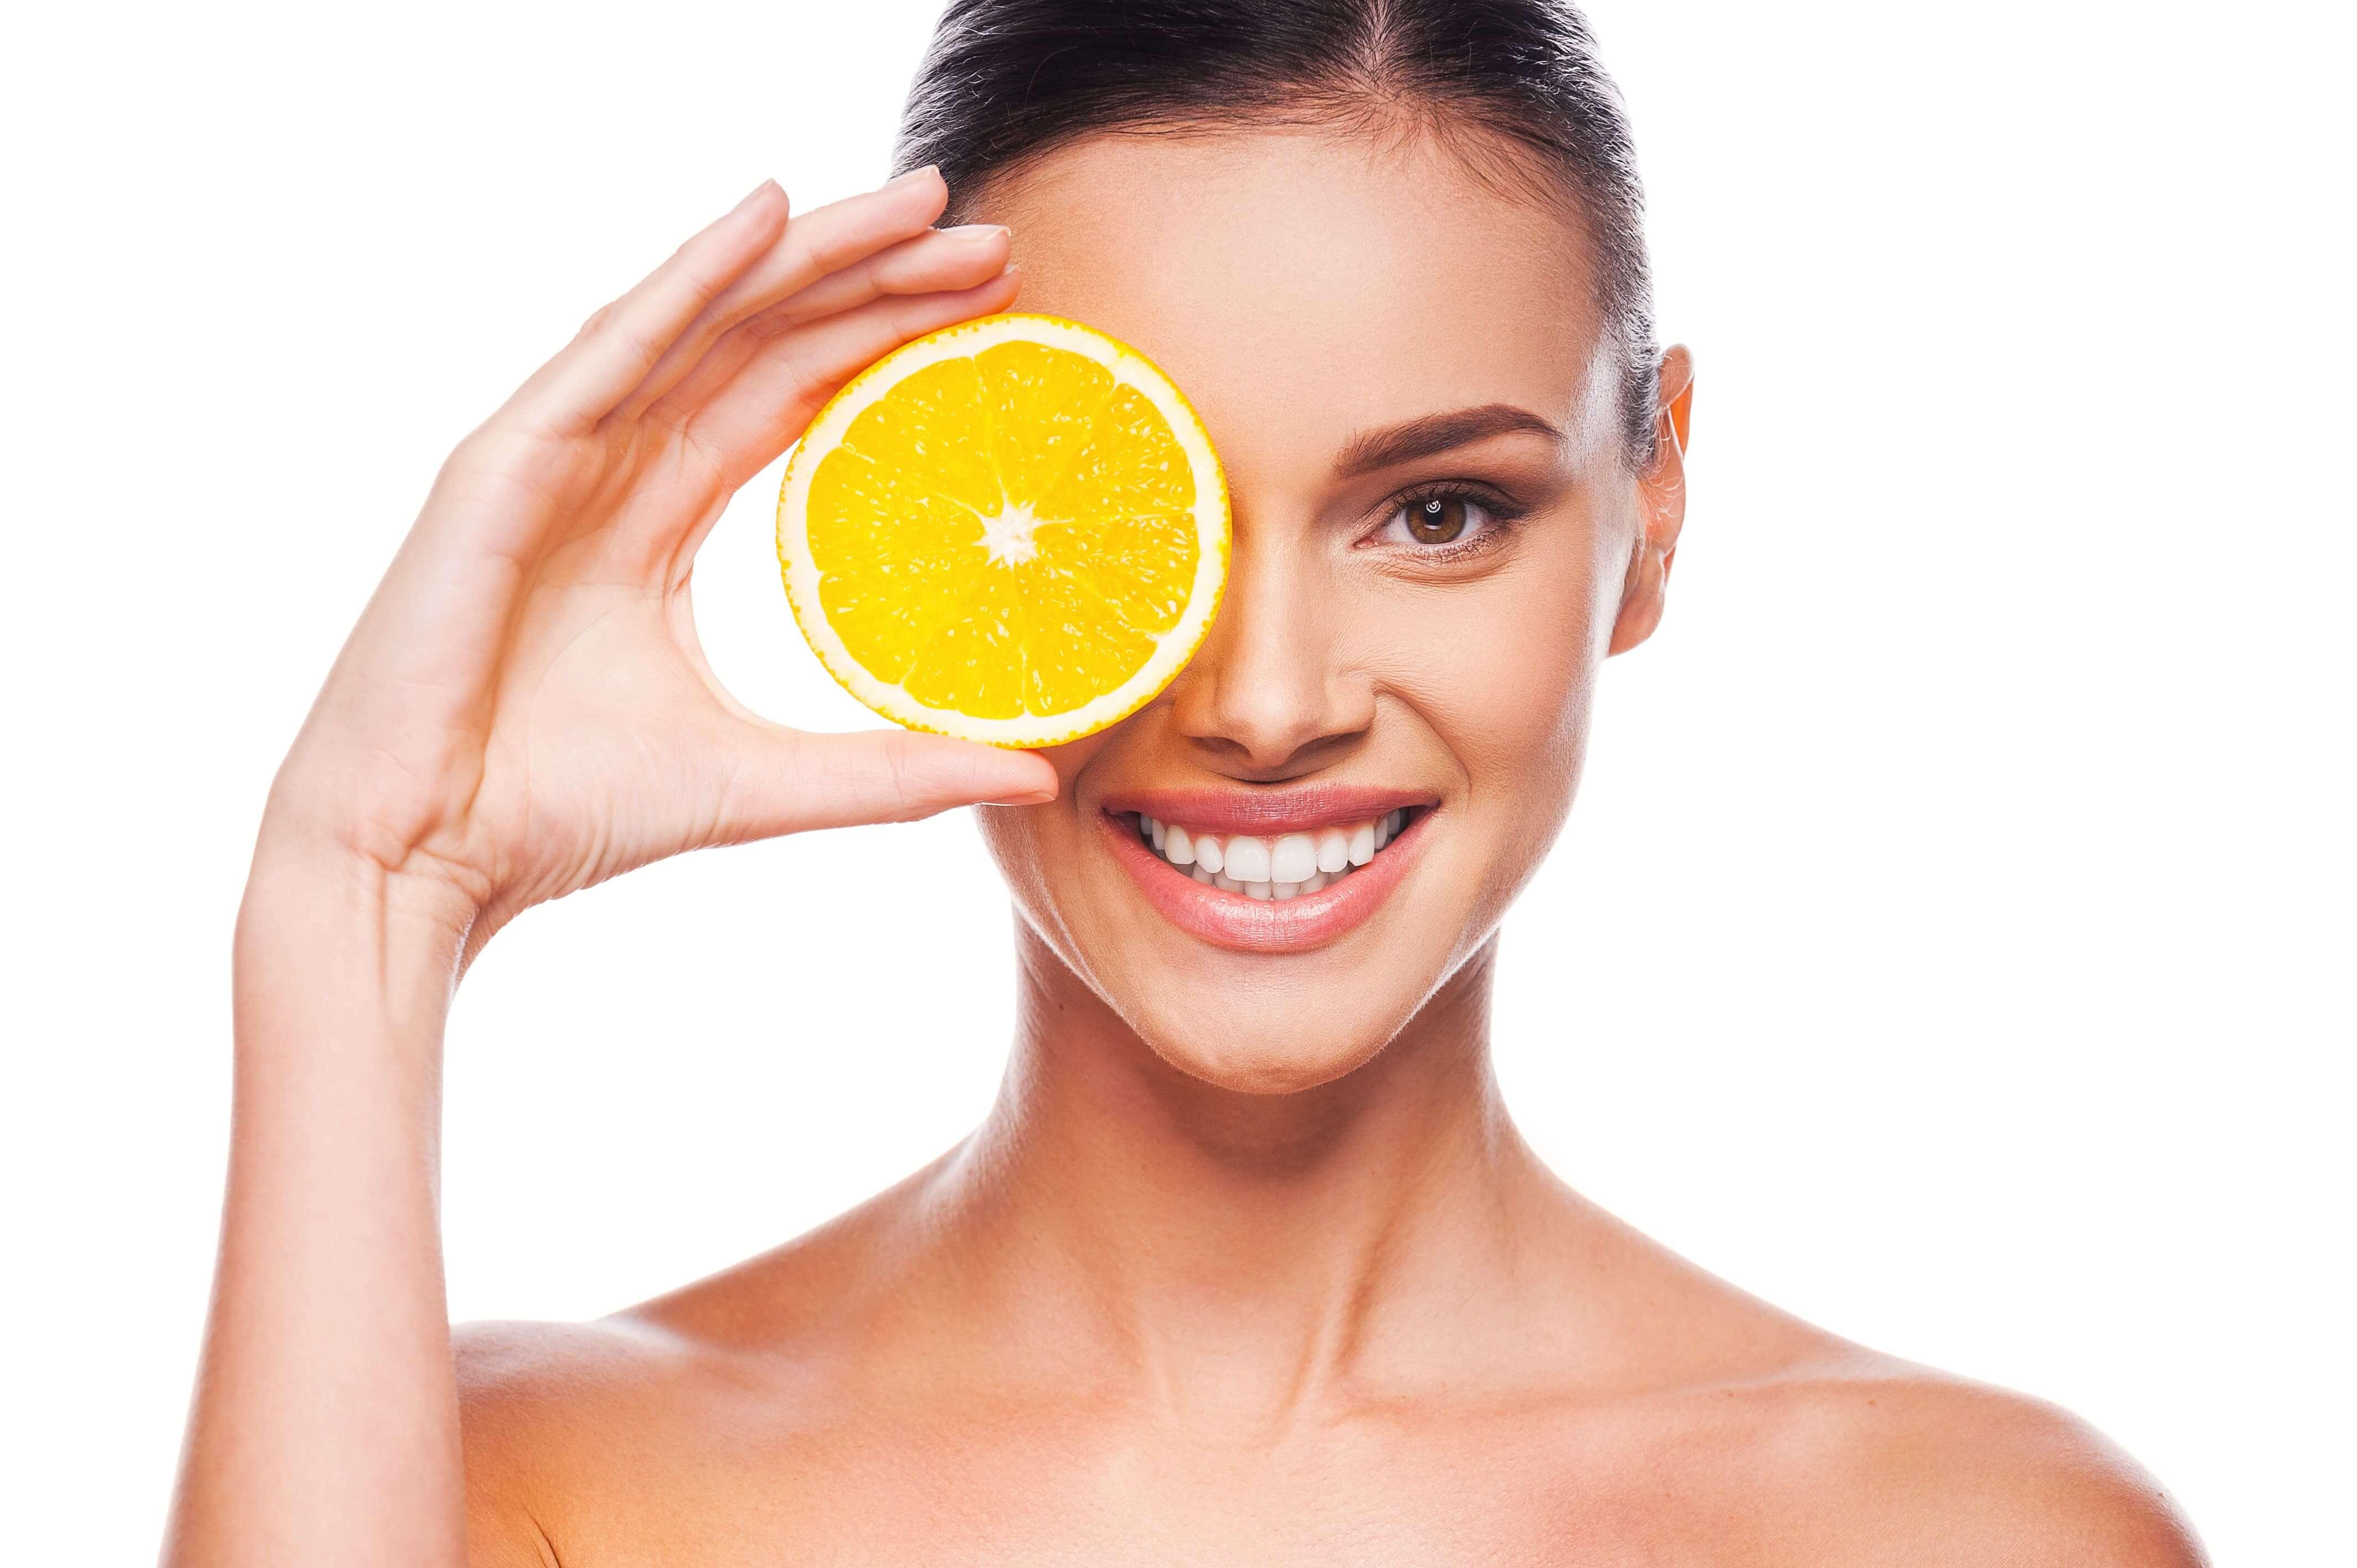 C Vitaminin Cilde Olan Faydaları